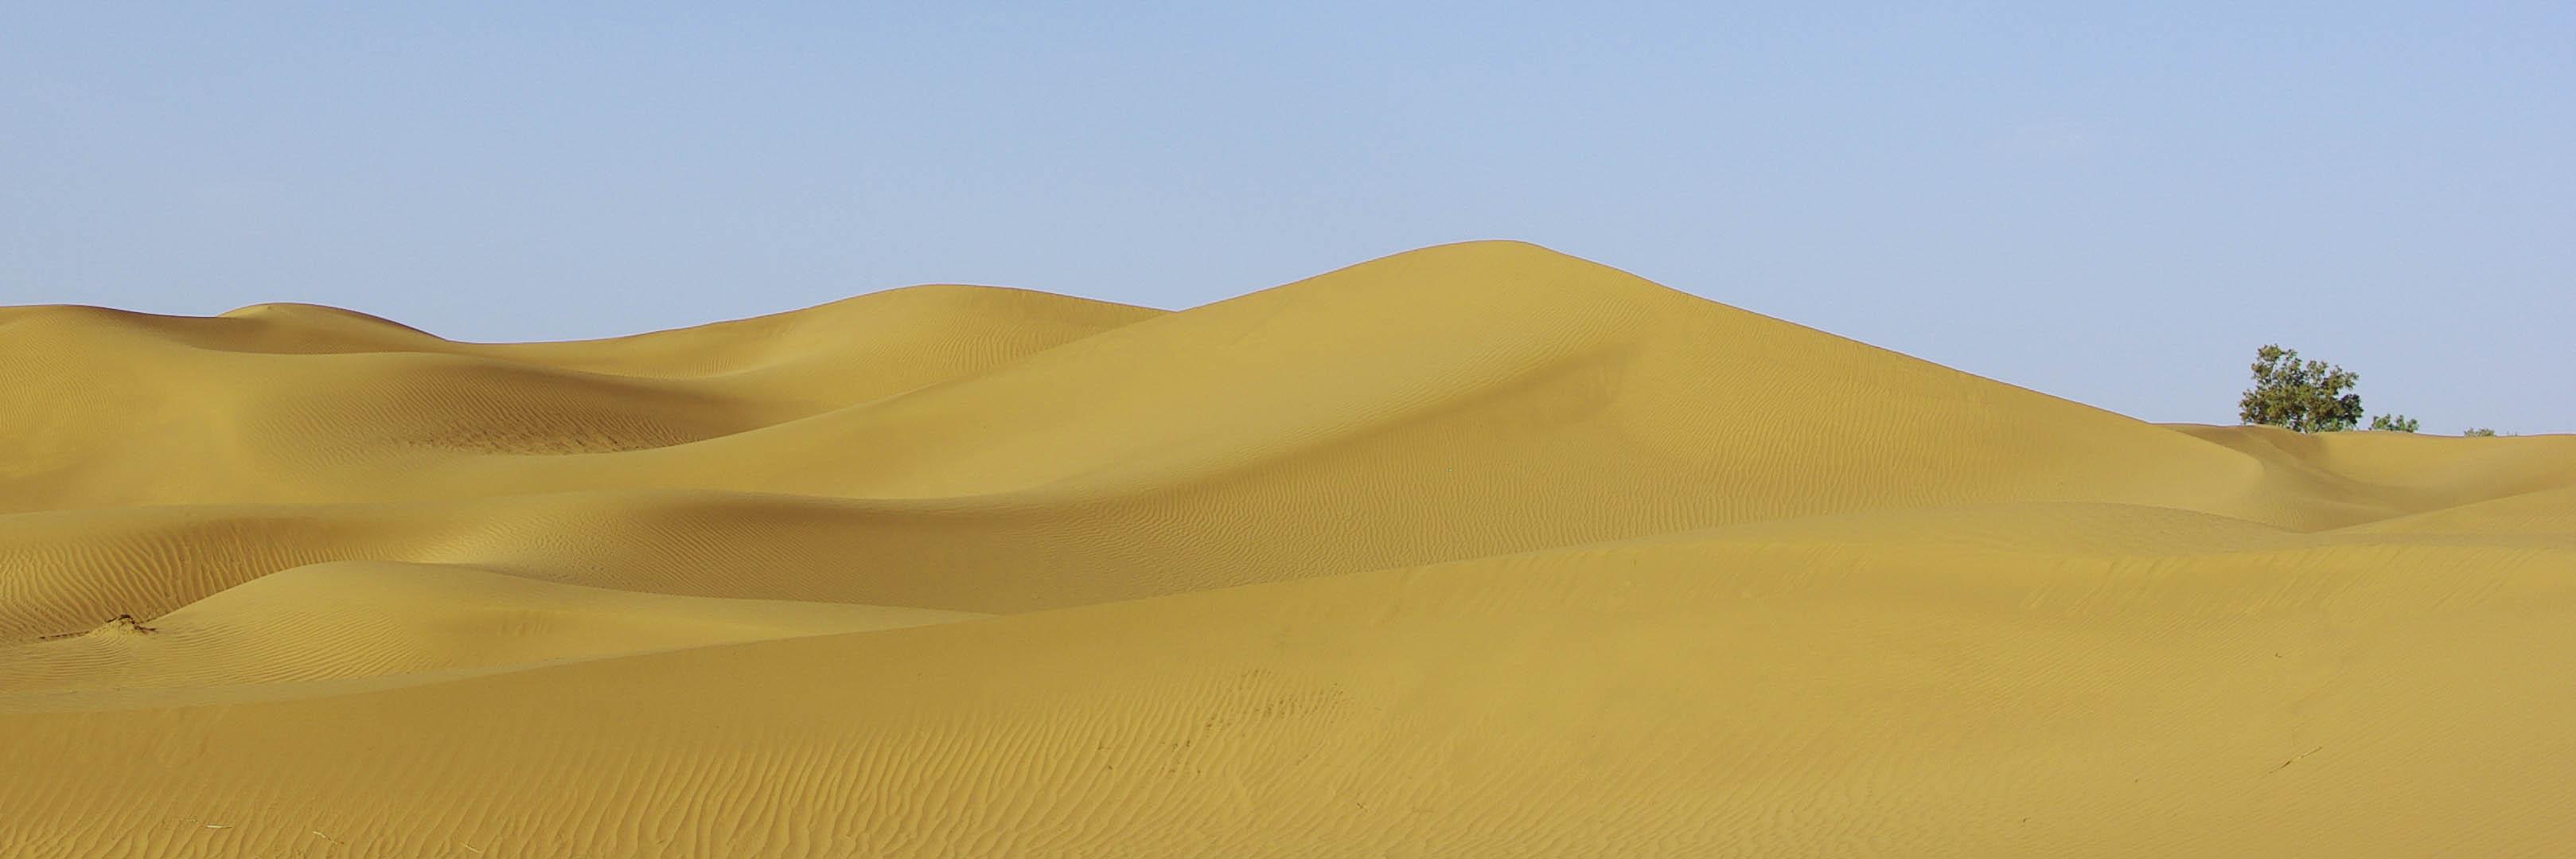 Marokkaanse sahara